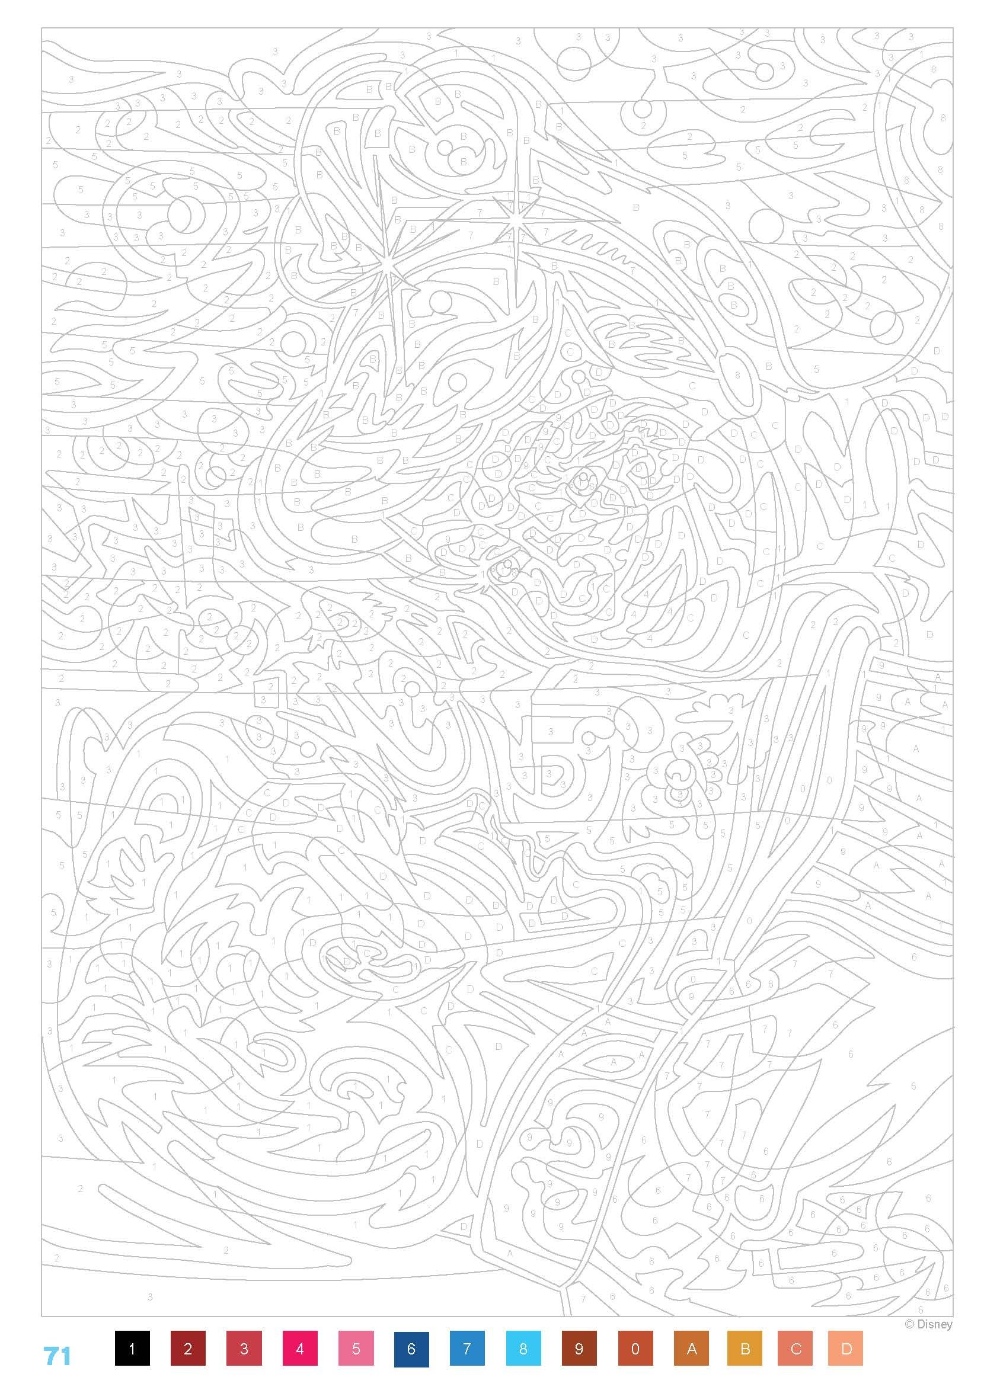 Épinglé par Gabriela Zych sur Coloring by number printable